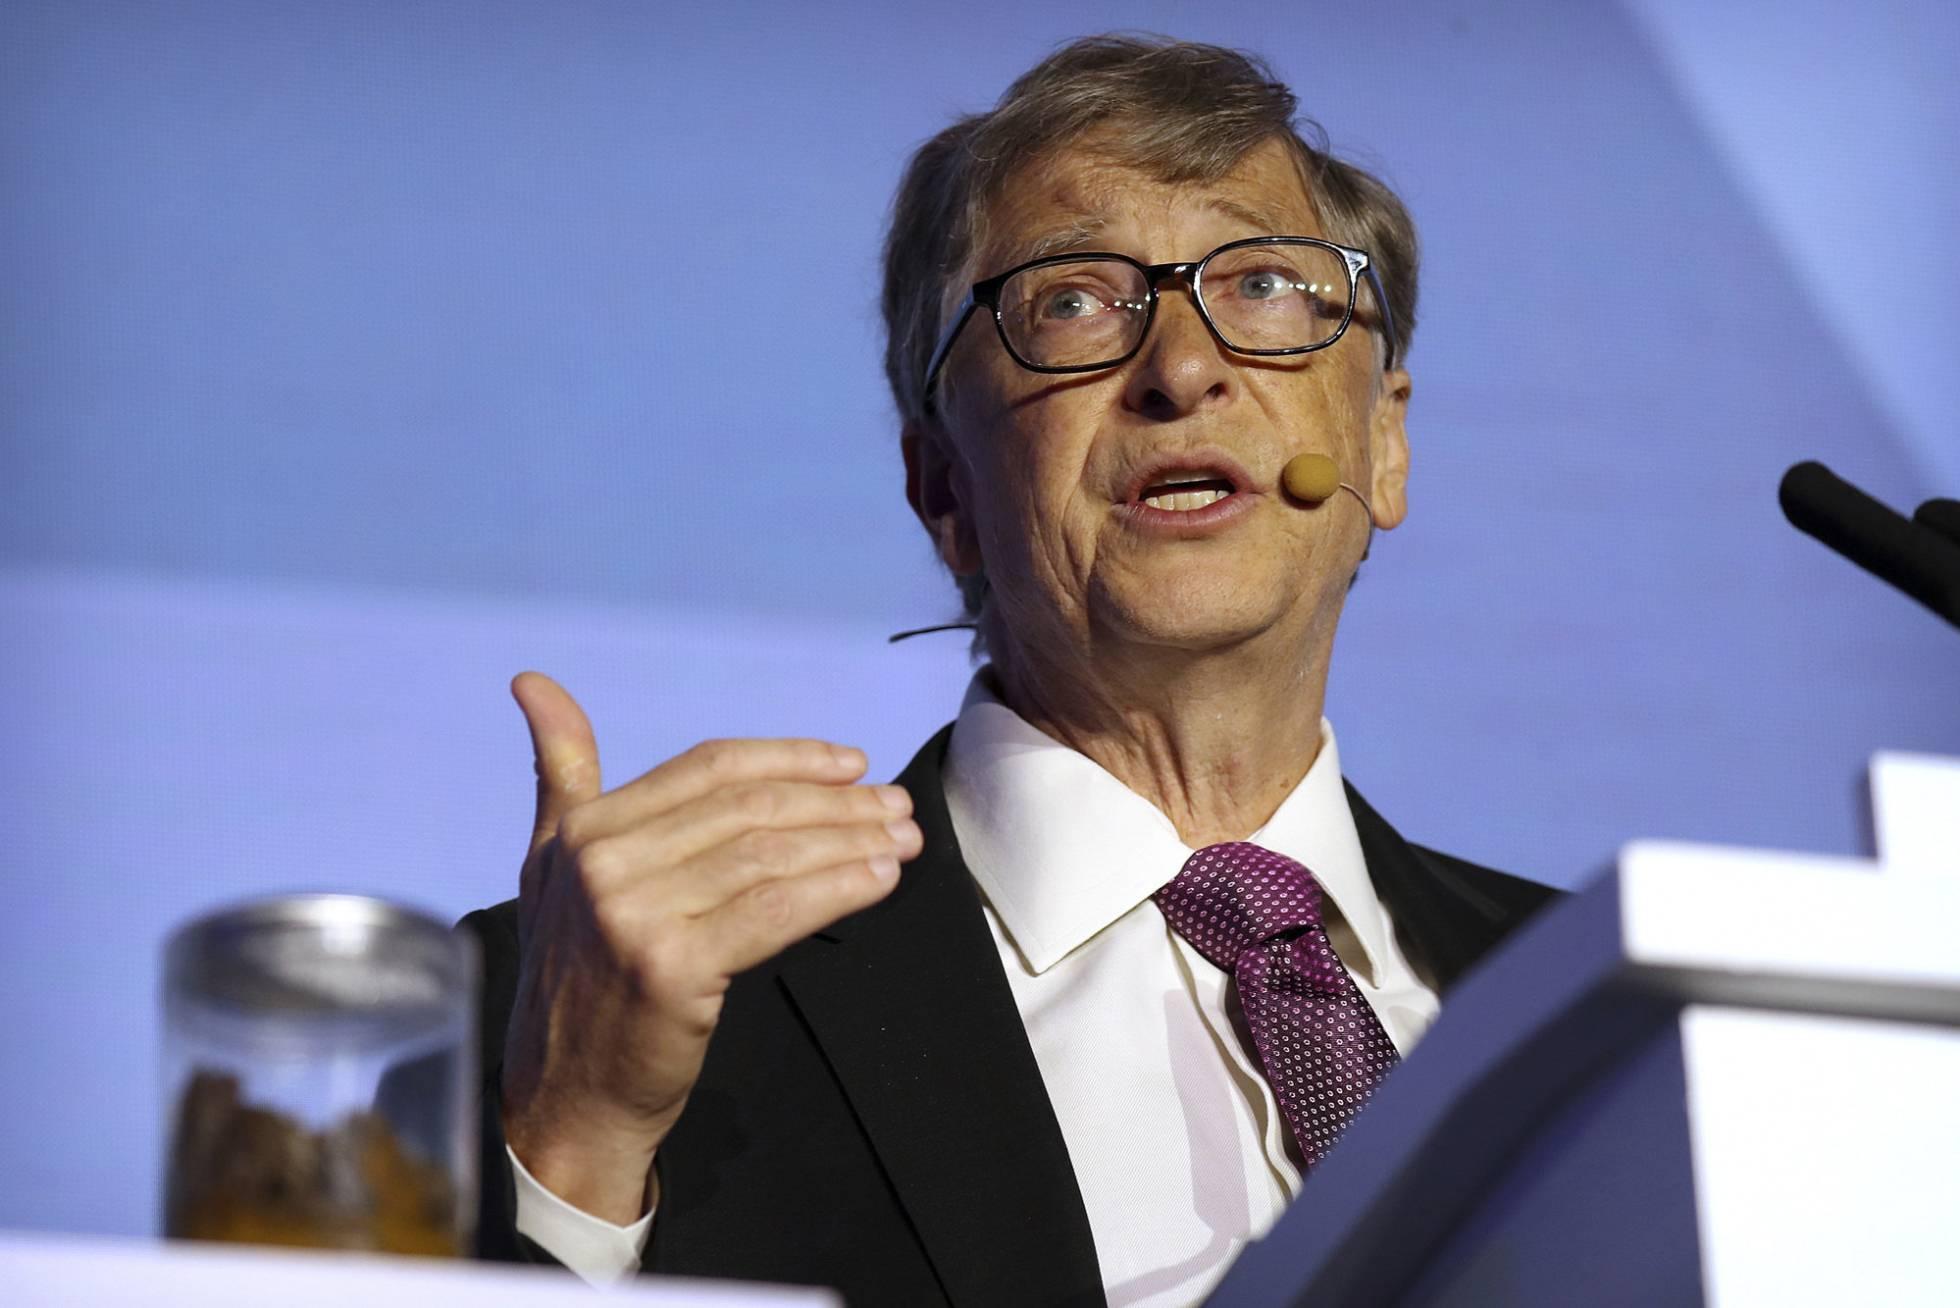 Bill Gates presenta inodoro que no usa agua